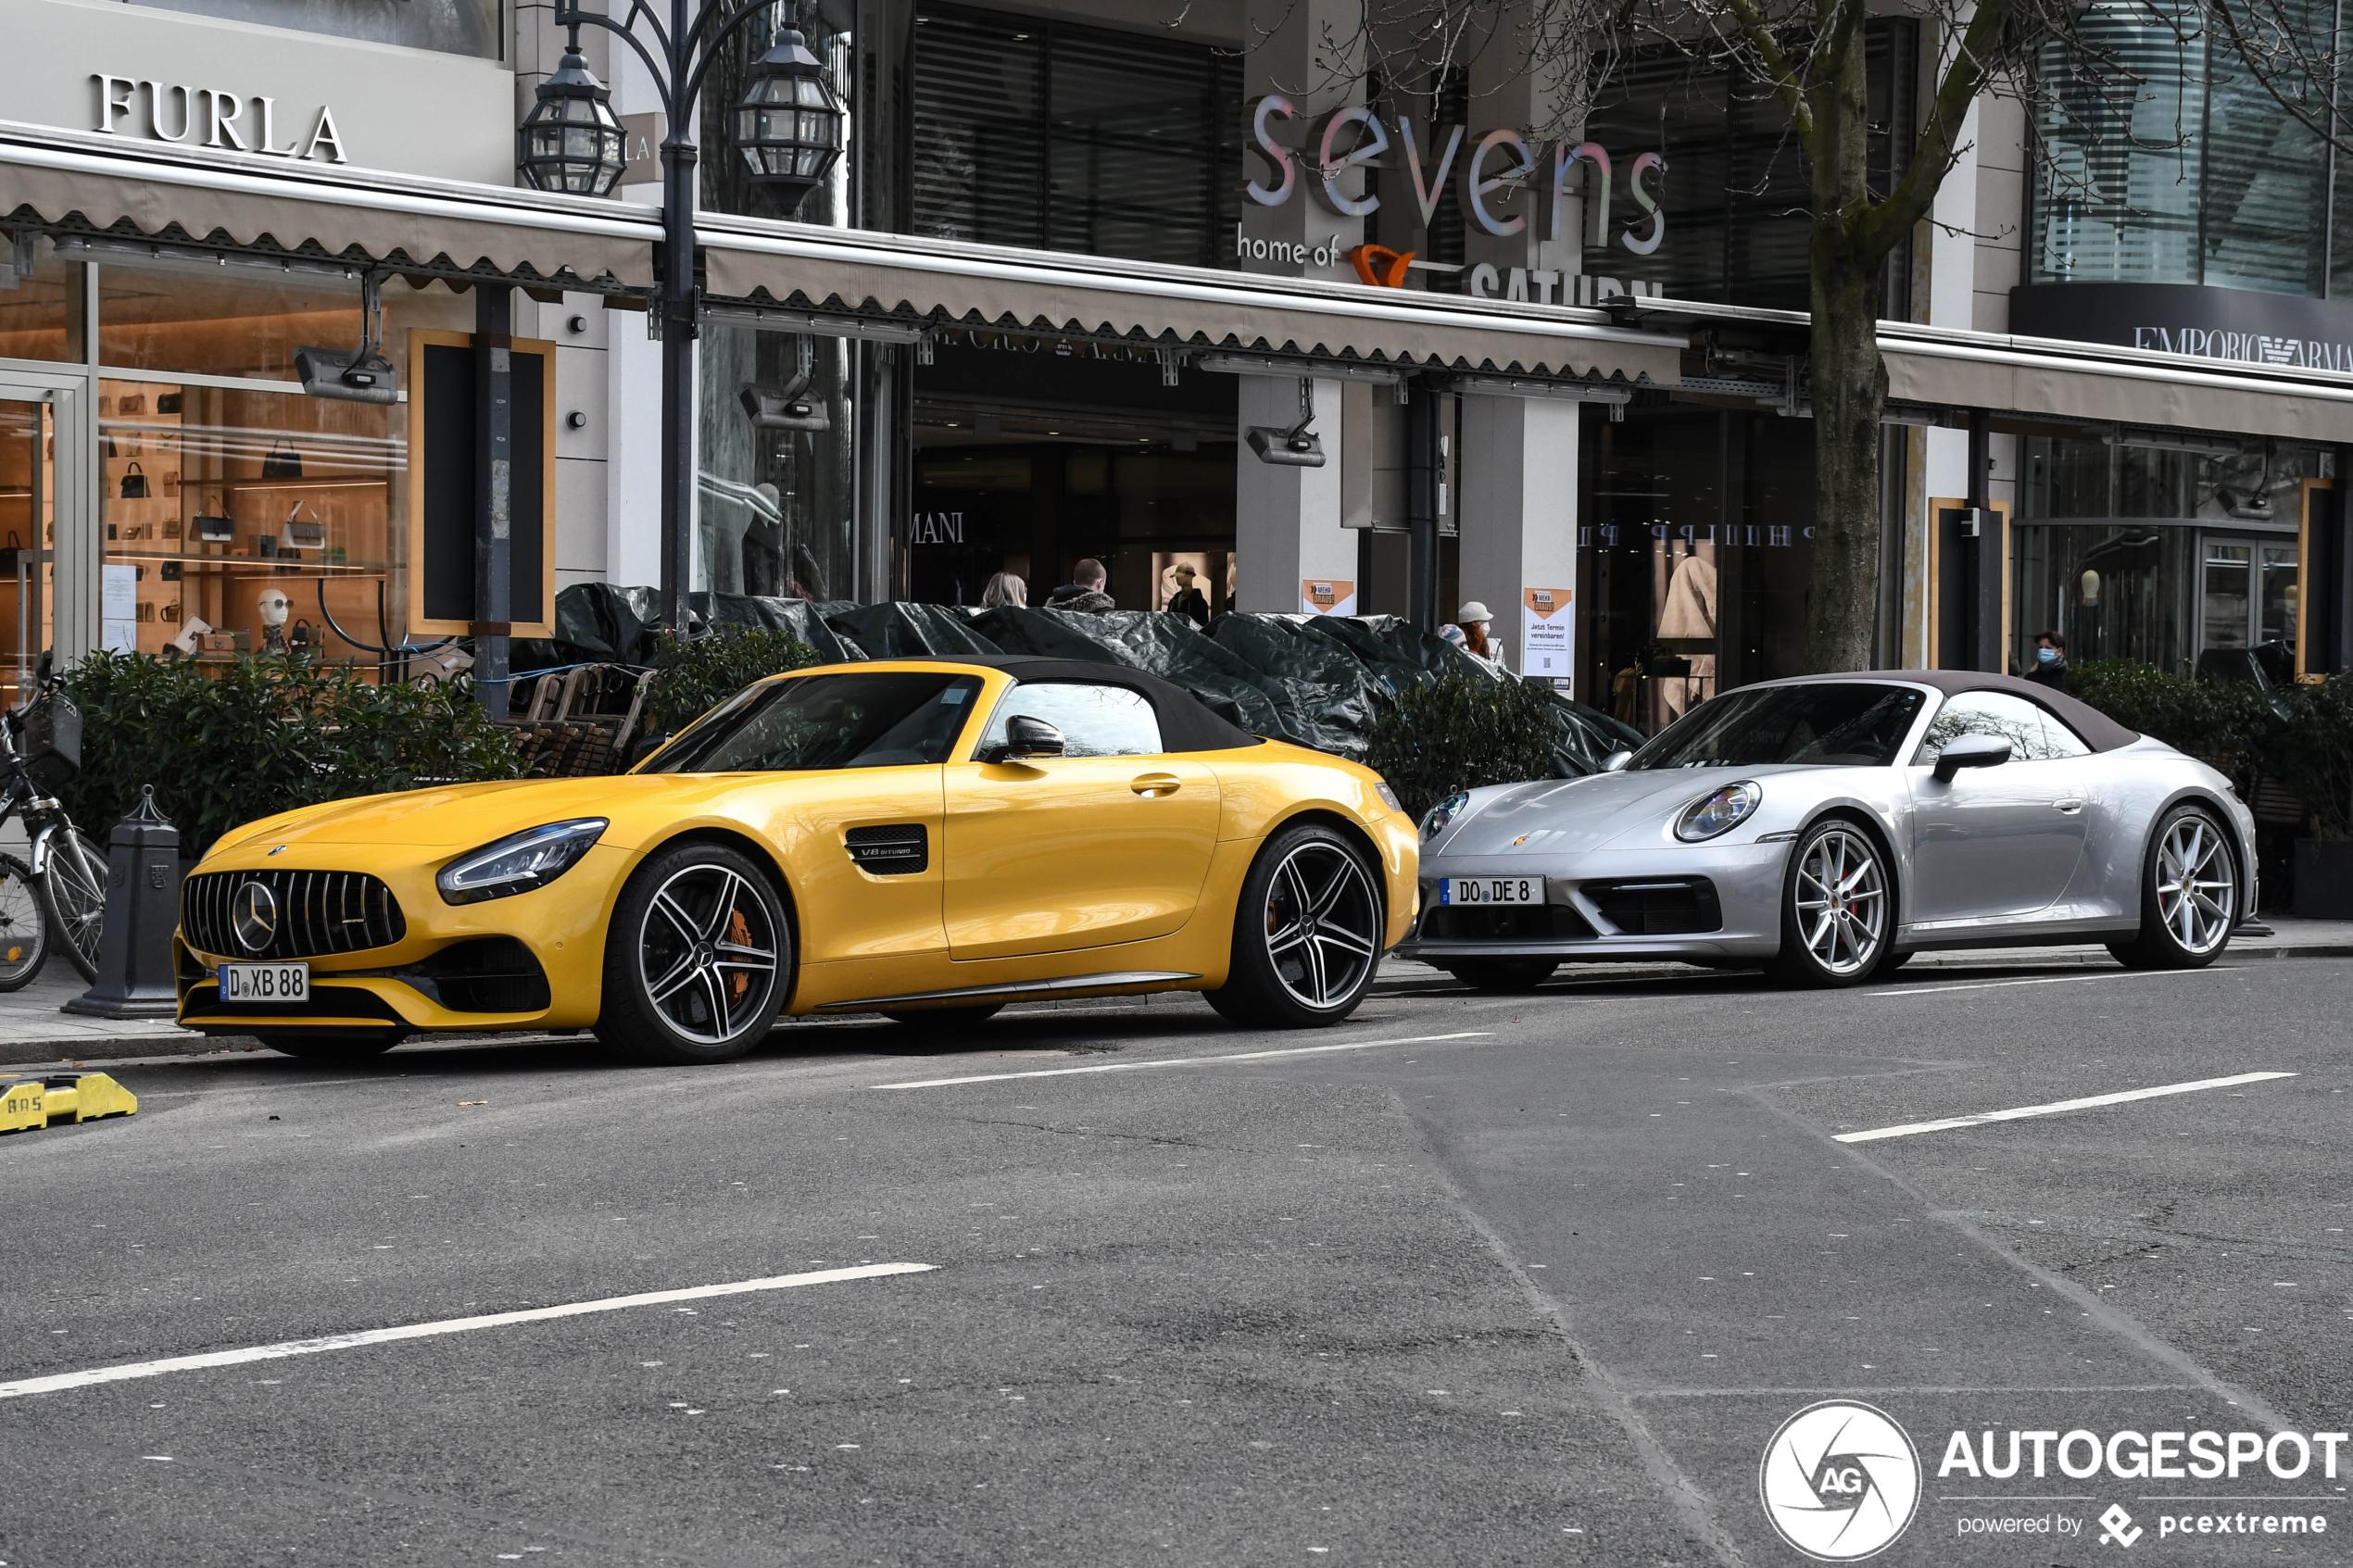 Kies jij voor de Porsche of de Mercedes-AMG?